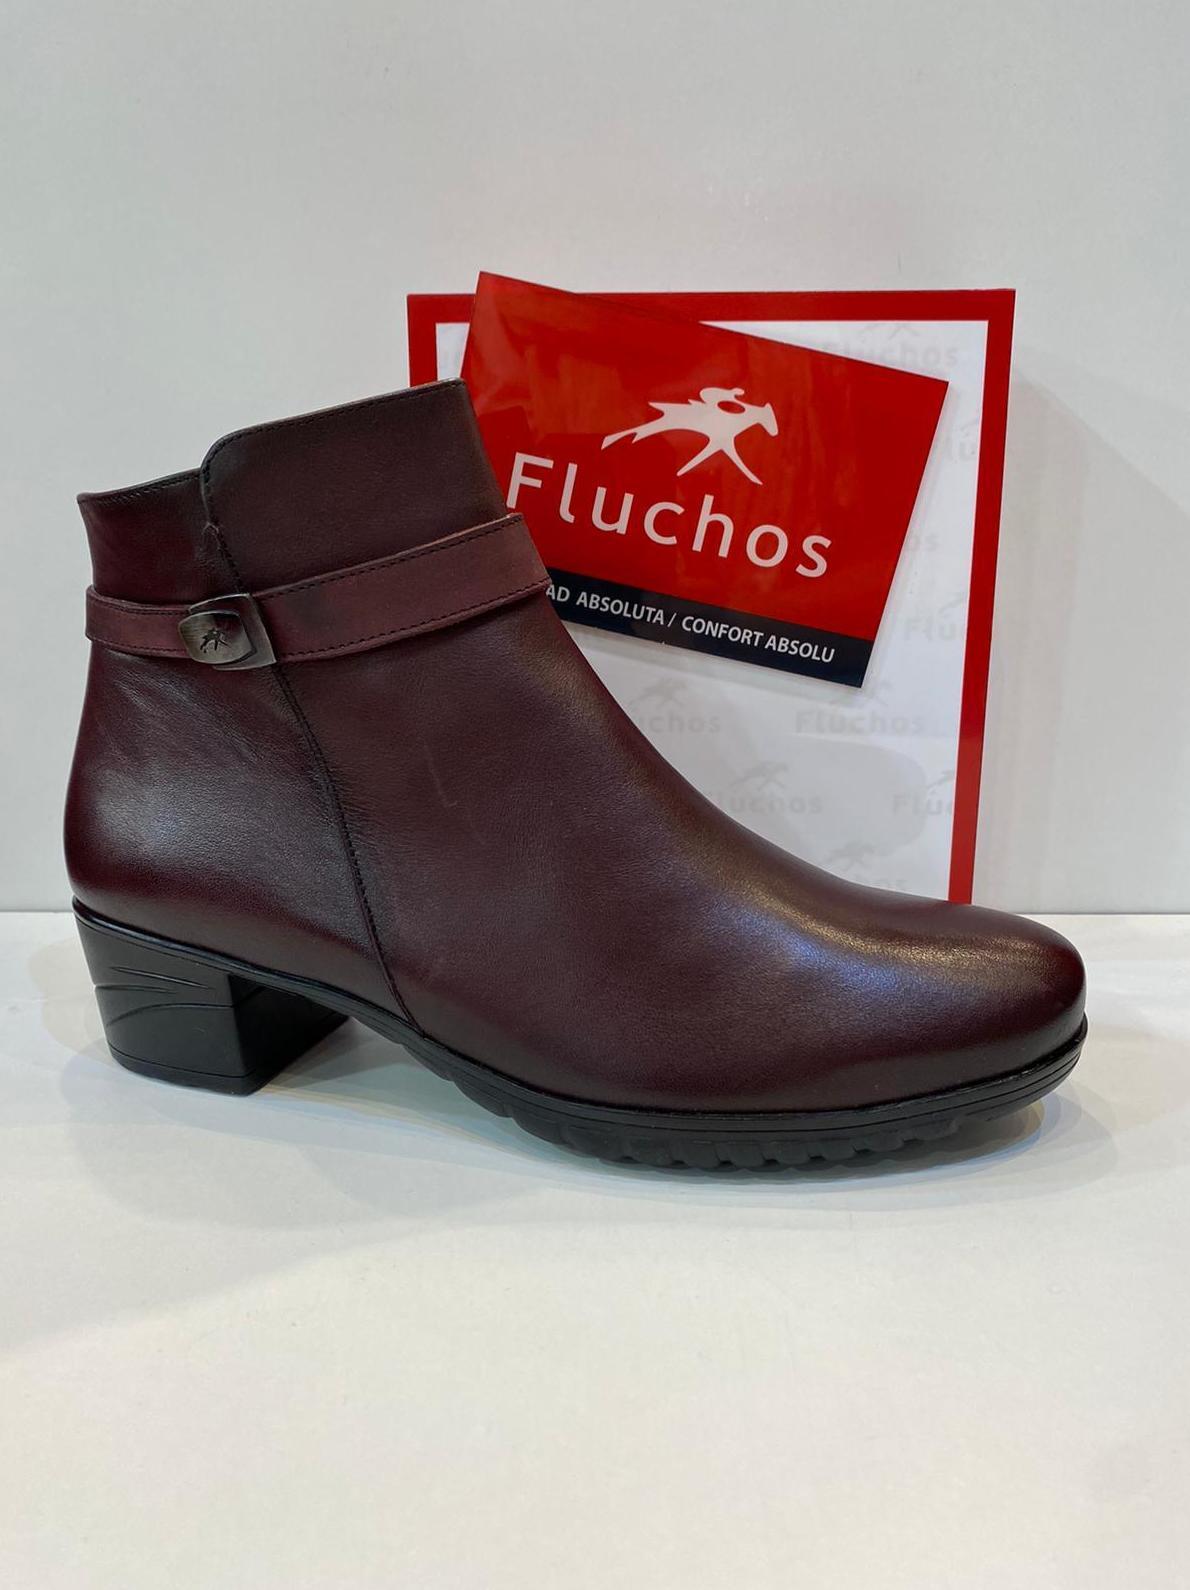 Botí de dona, de la marca Fluchos, ample especial, plantilla de viscoelàstica, adaptable a plantilles ortopèdiques, amb sola de làtex amb càmera d'aire 99.90€